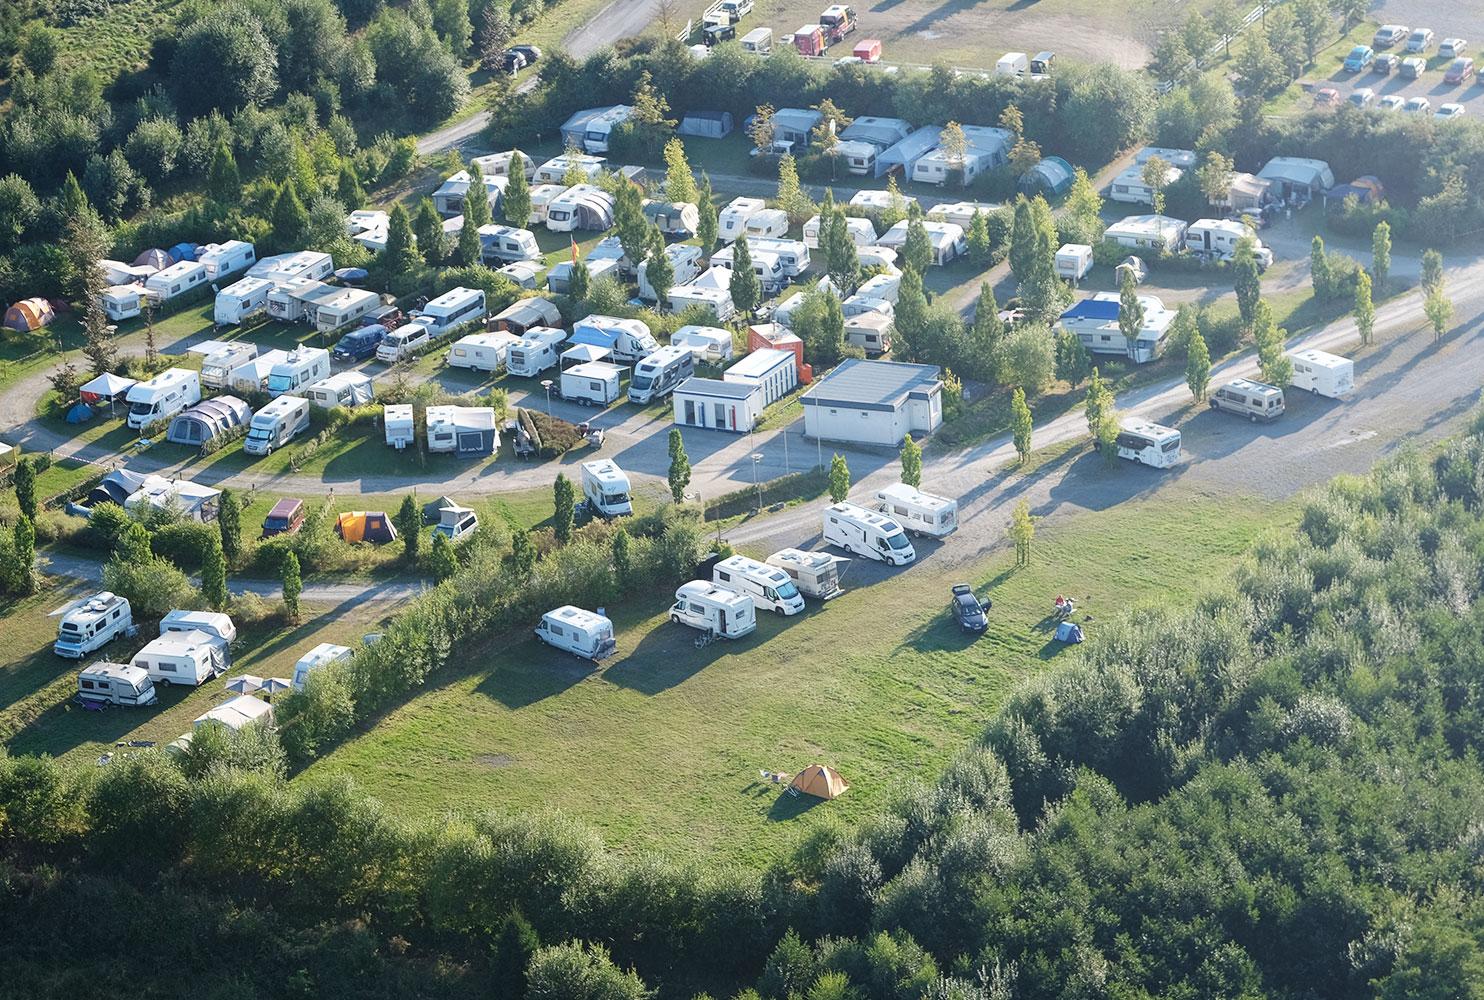 Warsteiner Welt Übernachtung Campingplatz